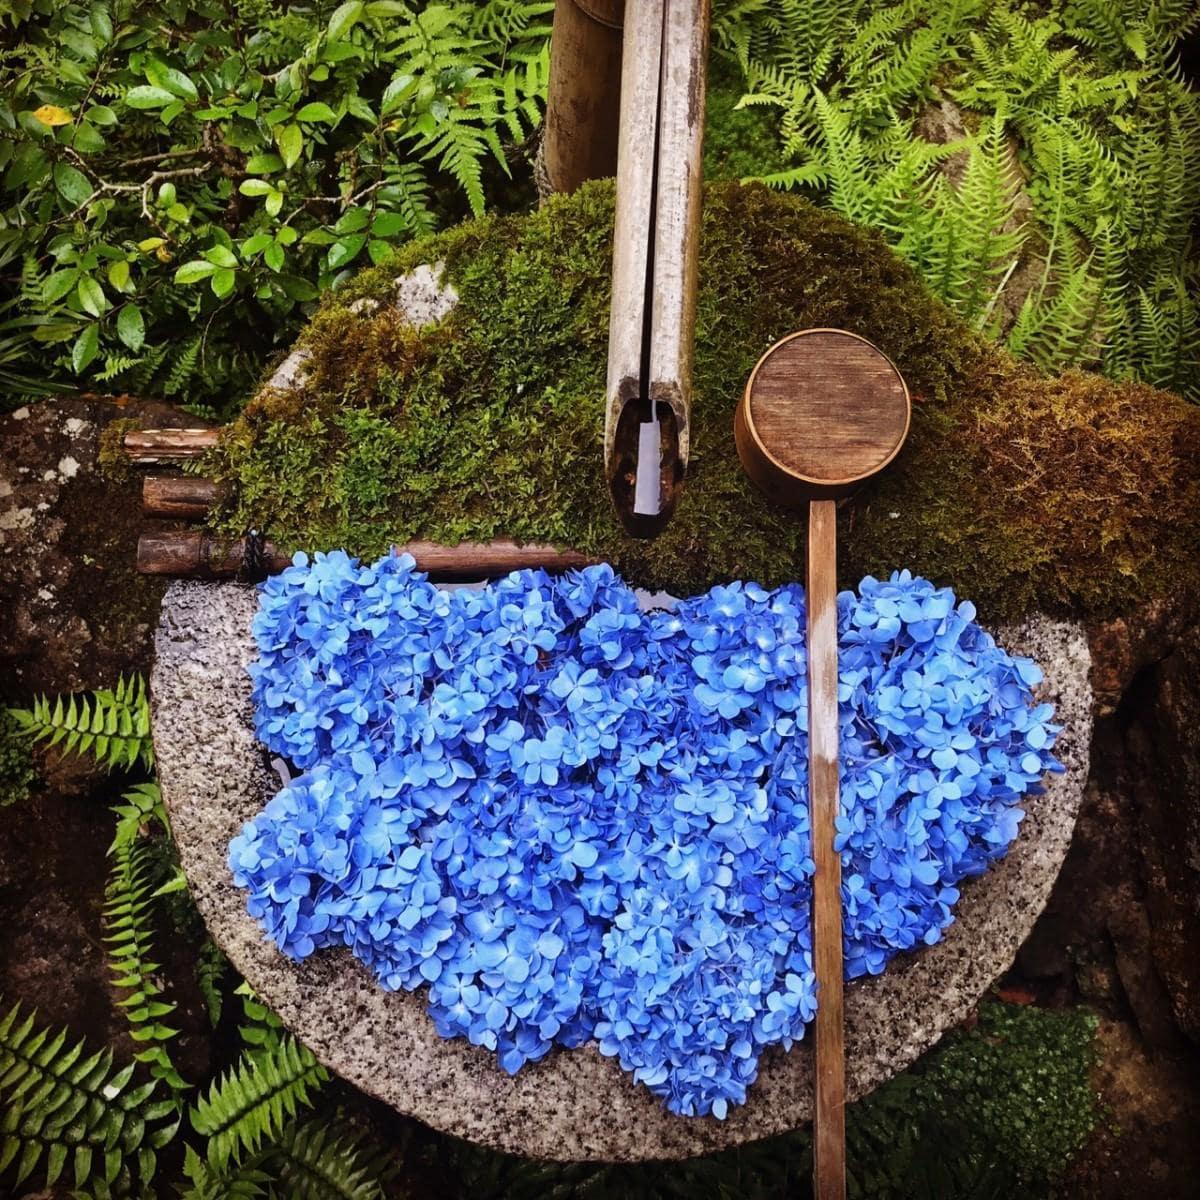 柳谷観音・楊谷寺の手水鉢のアジサイアート